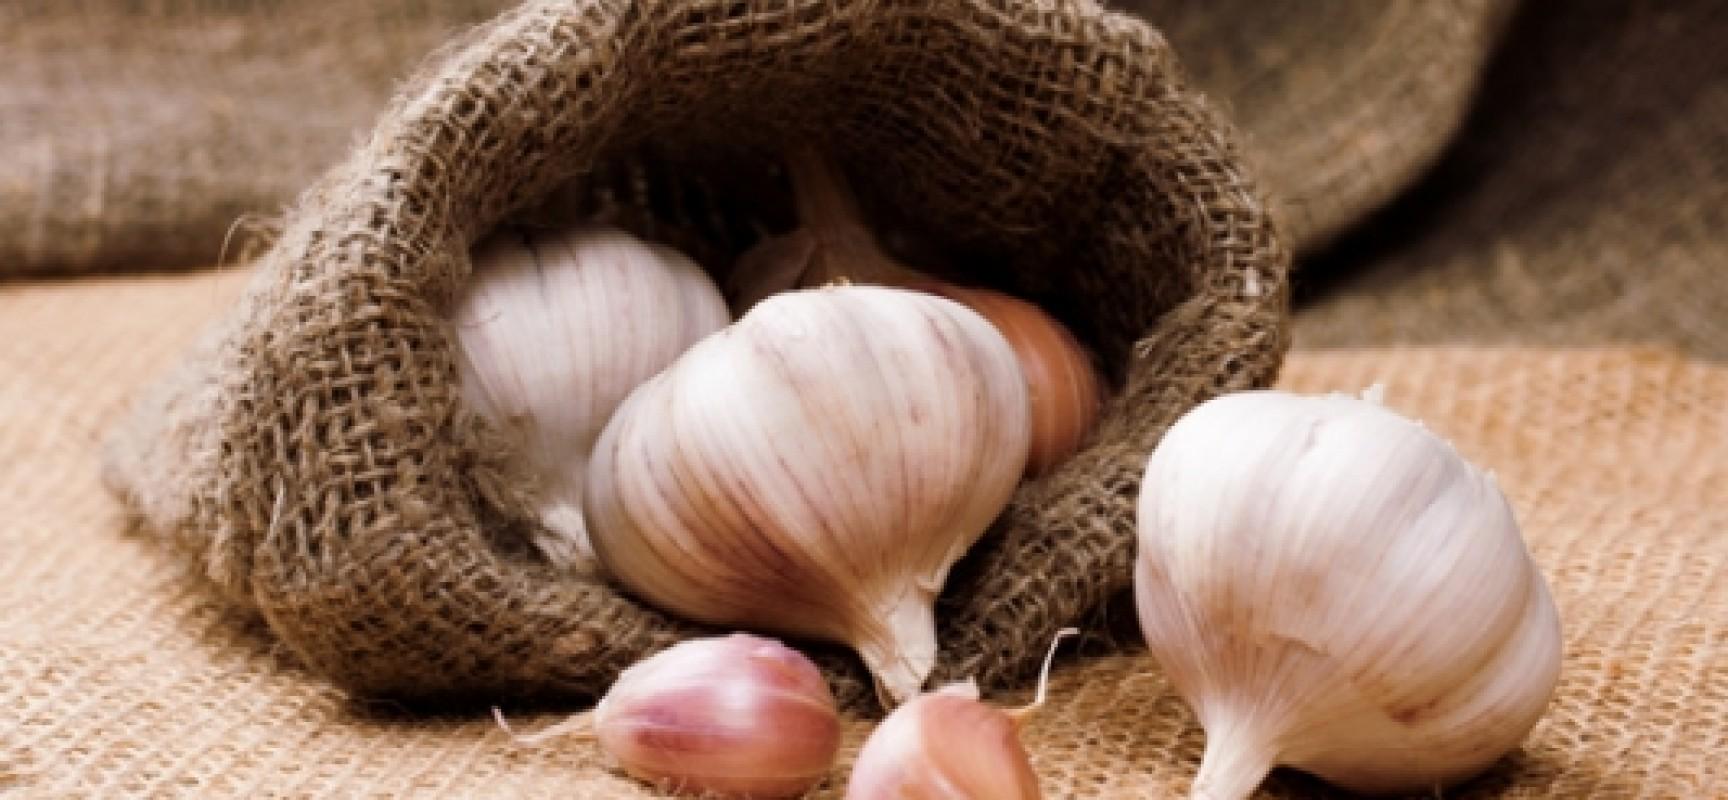 Σκόρδο: Οι απίστευτες χρήσεις & οφέλη στην υγεία